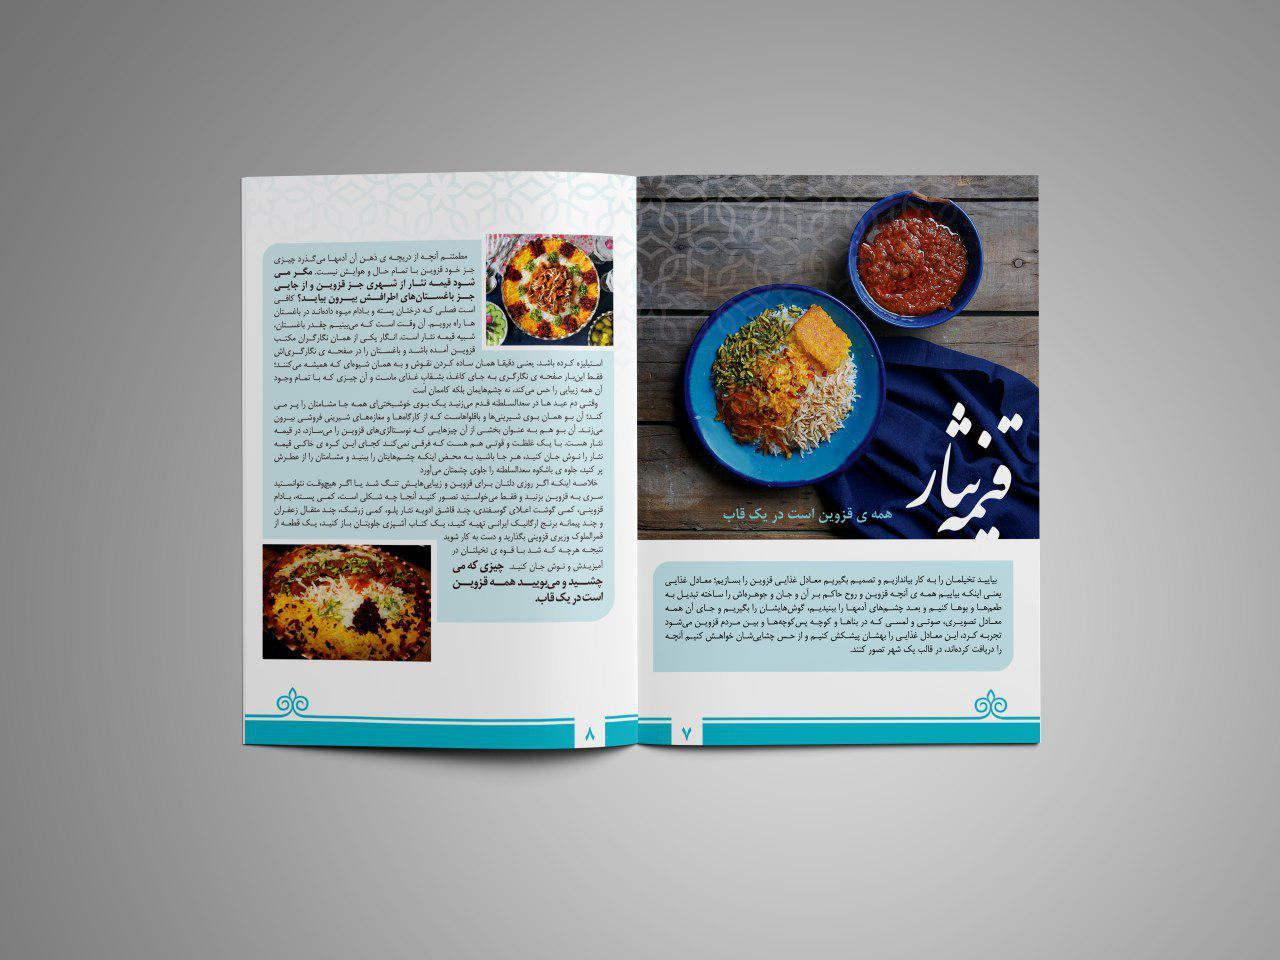 نمونه کار طراحی کاتالوگ دیجیتال گردشگری قزوین در نوروز ۹۸